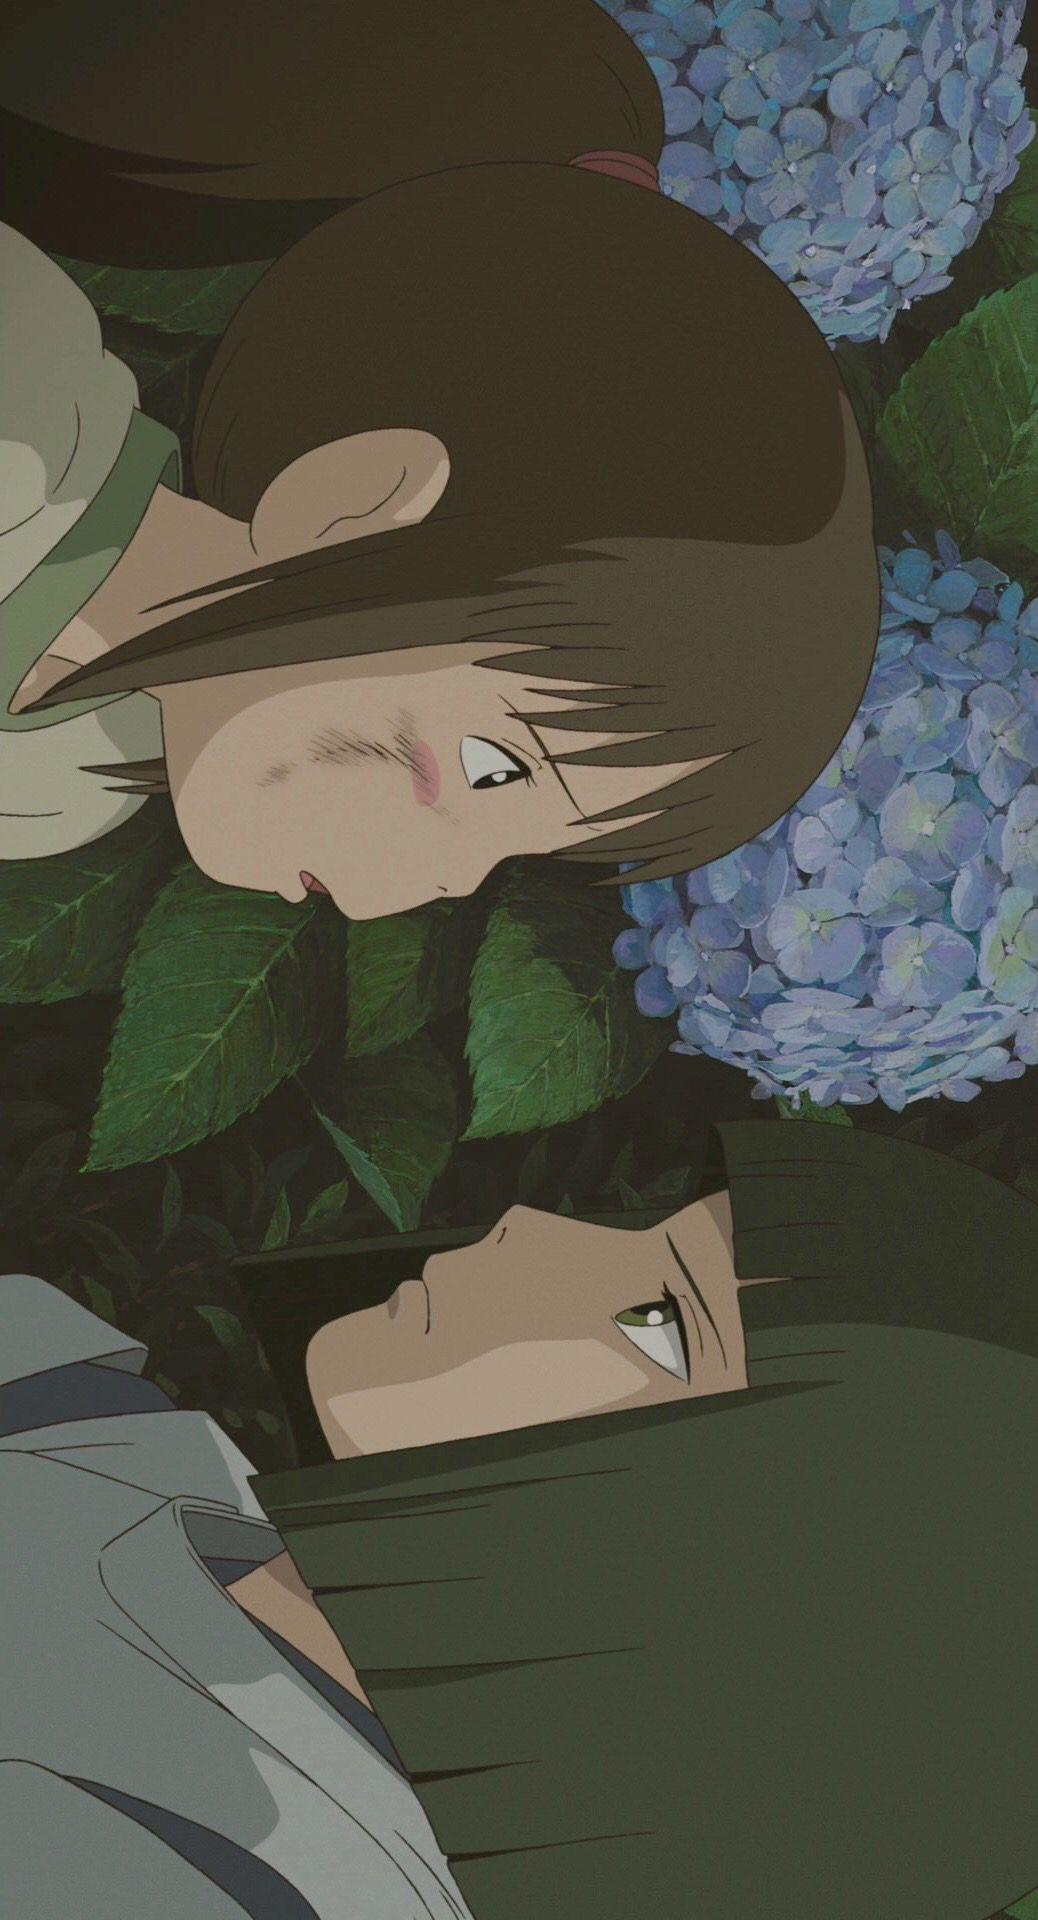 ジブリ おしゃれまとめの人気アイデア Pinterest Minami 画像あり トプ画 かっこいい ジブリ イラスト 実写 アニメ